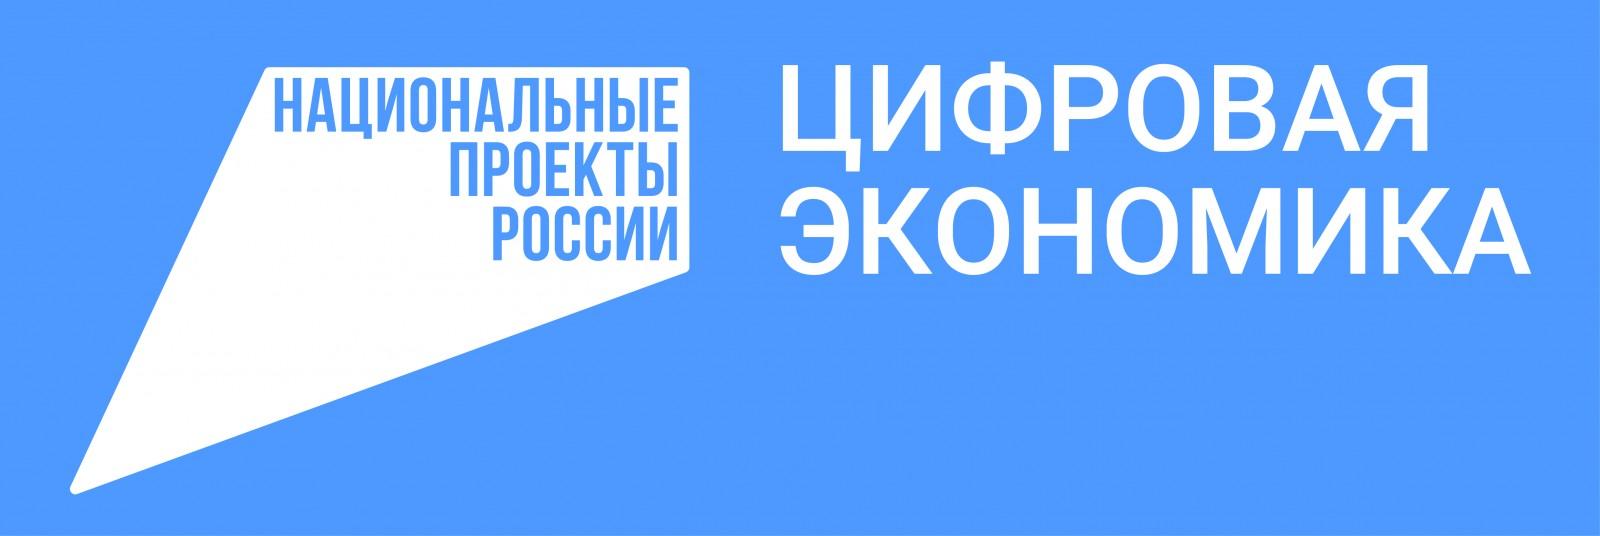 В регионе продолжается подключение к интернету социально значимых объектов в рамках нацпроекта «Цифровая экономика»